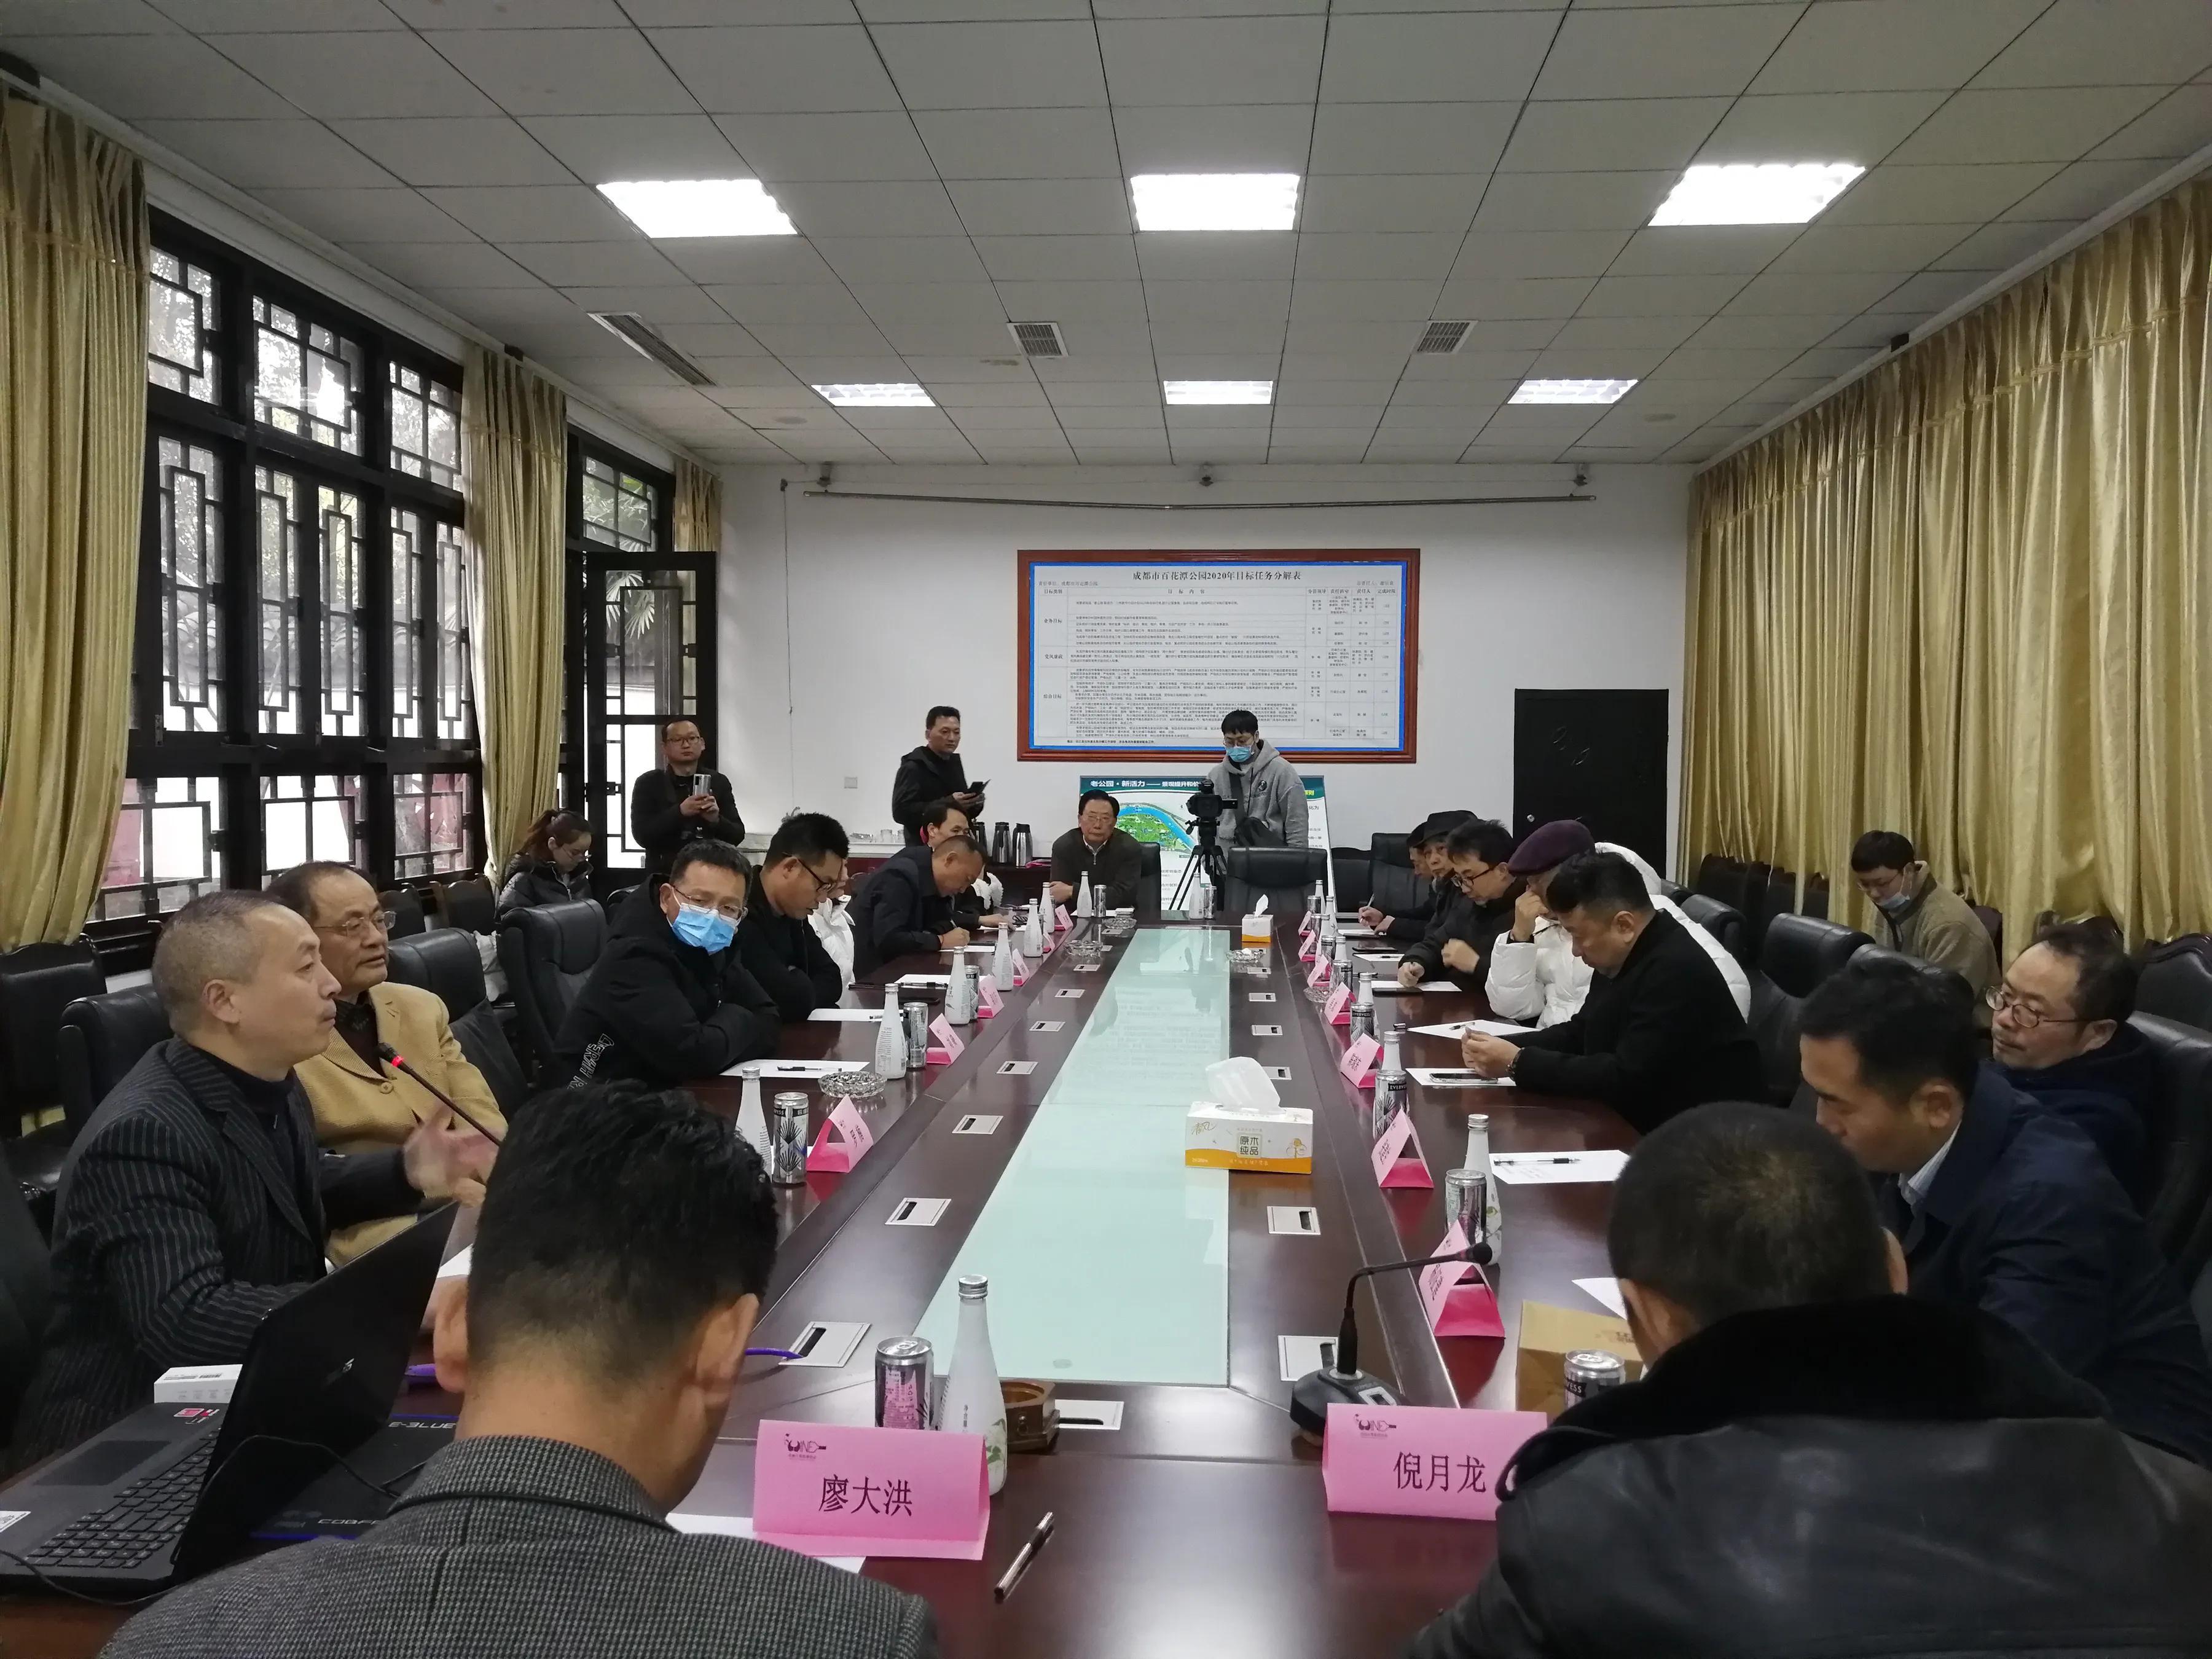 甘孜得荣县葡萄酒飘香蓉城 成为高山葡萄酒品类领跑者